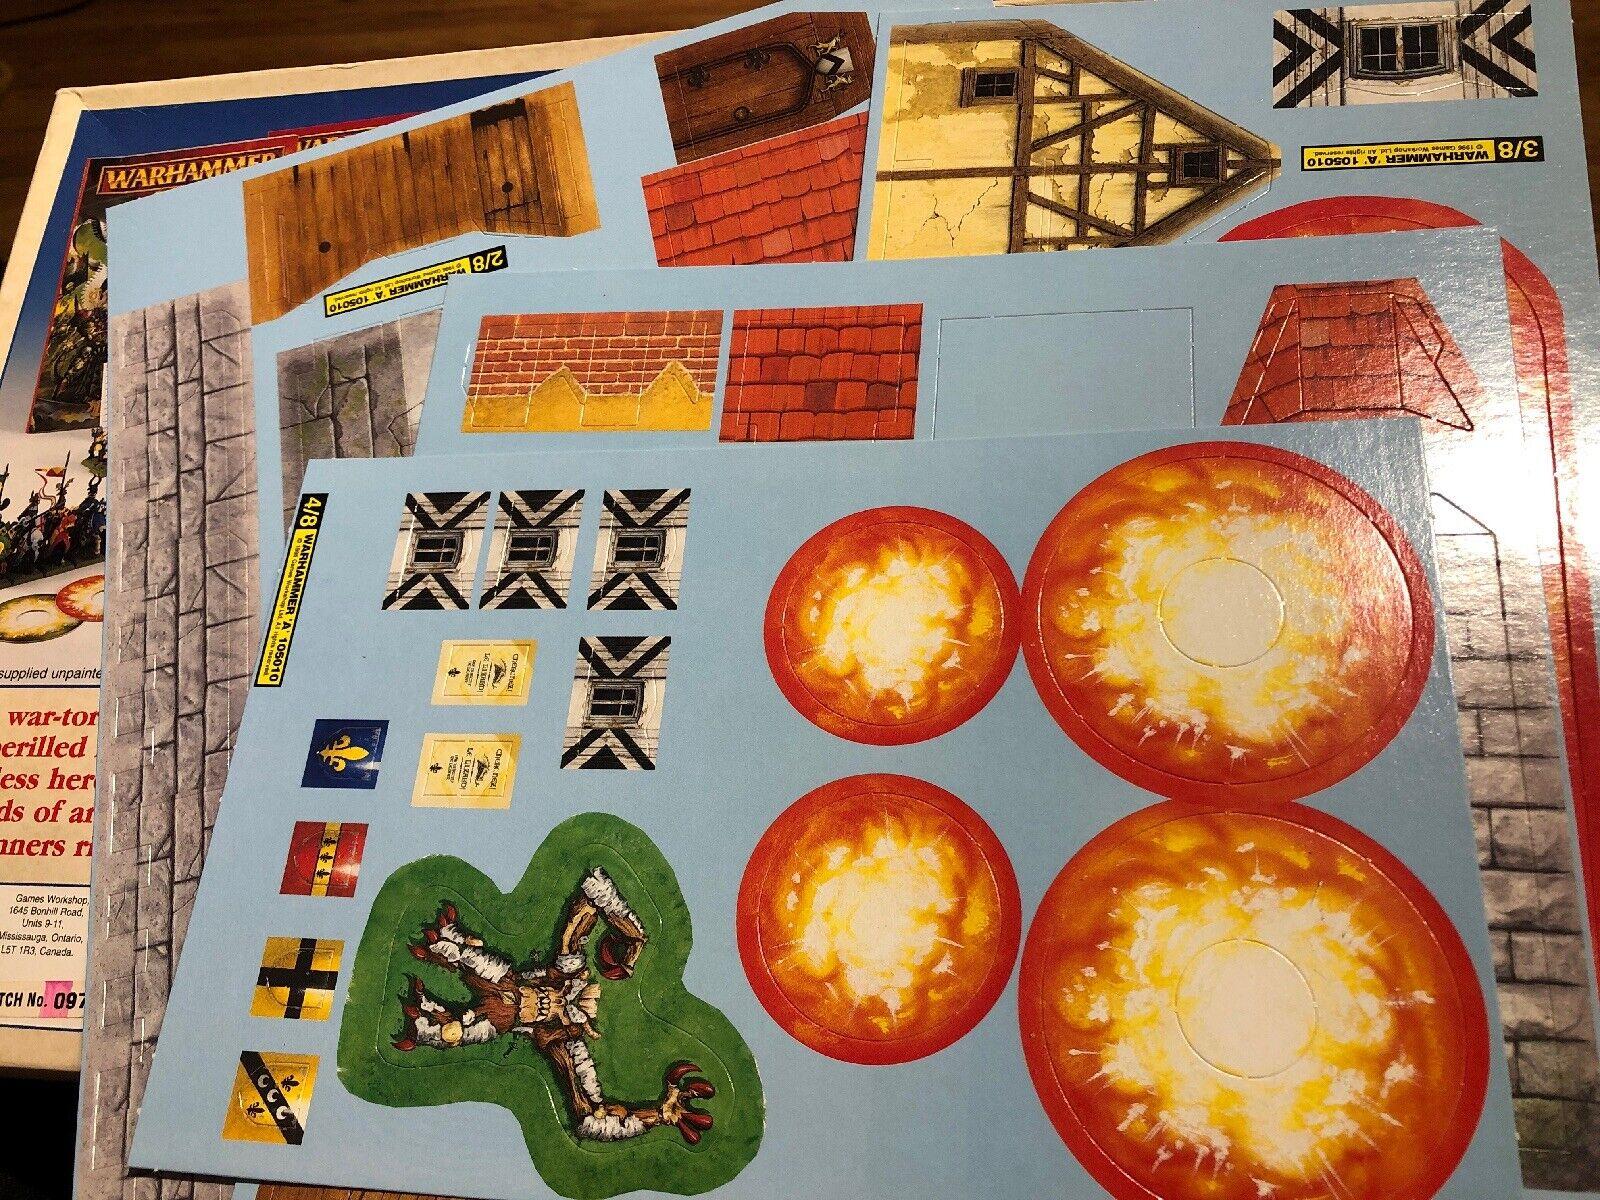 ADVARSEL Spillet om Fantasy kamps værksted 1996 Plus Warhammer Magic